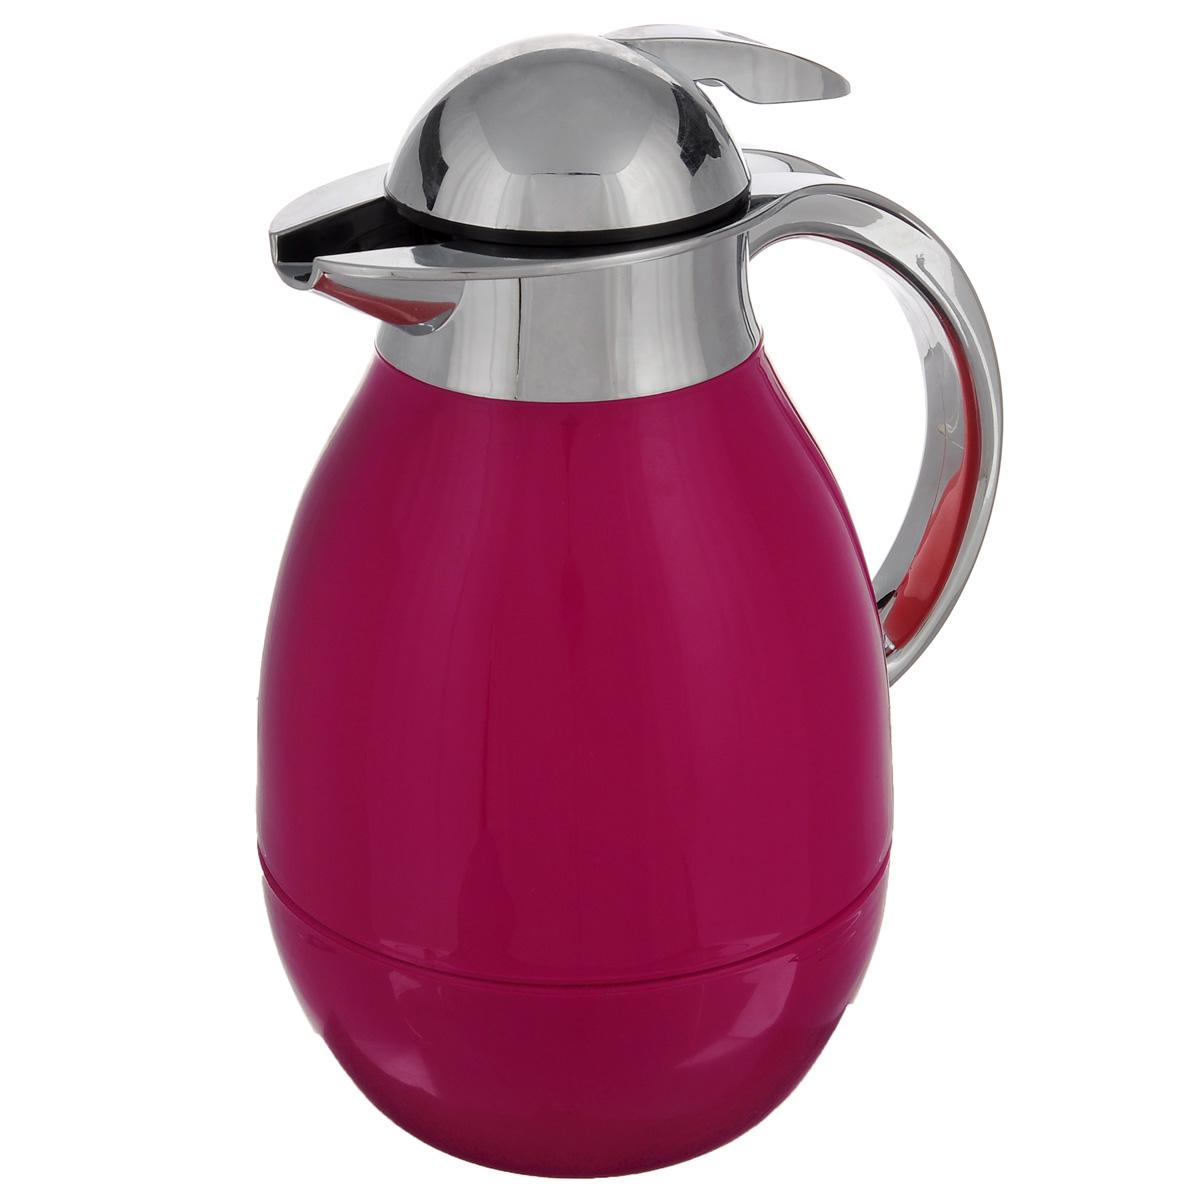 Tермос BergHOFF Cook&Co, цвет: красный, 1 л2801505Термос BergHOFF Cook&Co сохранит любимые напитки горячими в течение долгого времени. Корпус термоса выполнен из пластика, а колба - из стекла. Термос снабжен крышкой с дозатором, что позволяет выливать жидкость, не отвинчивая крышки. Корпус термоса оснащен удобным носиком, а с эргономичной ручкой вам будет удобно держать термос в руке. Высота: 25,5 см. Диаметр основания: 10 см.